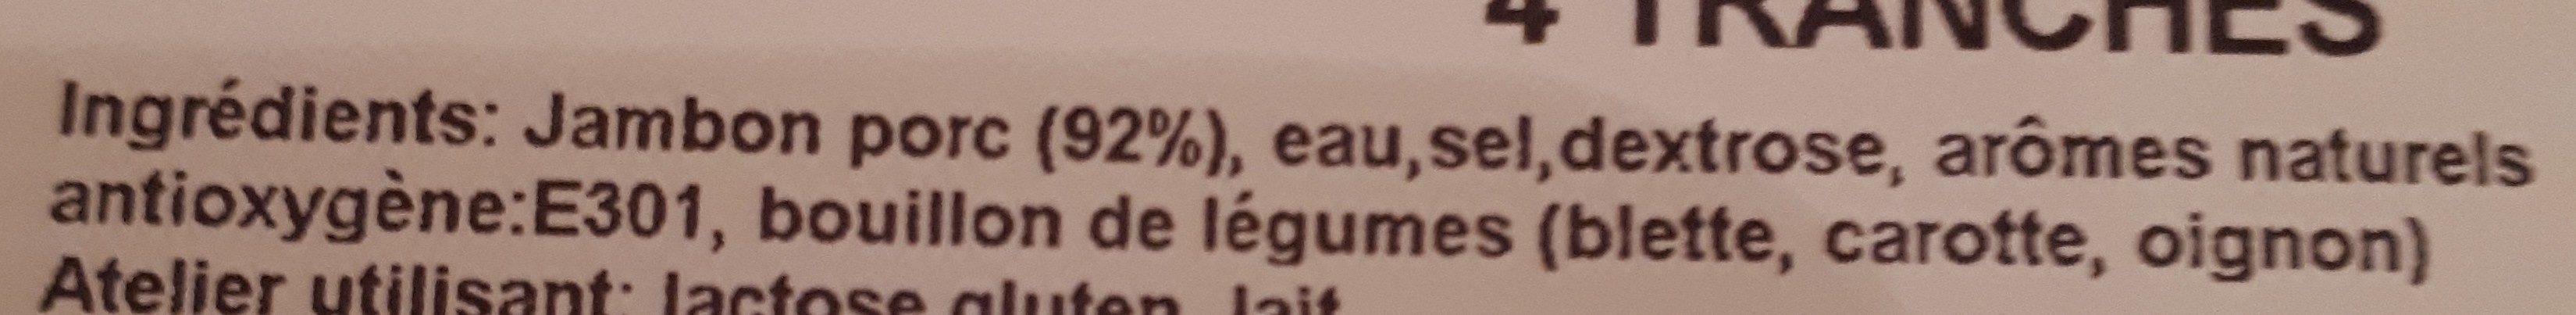 Jambon cuit de Paris supérieur - Ingrediënten - fr